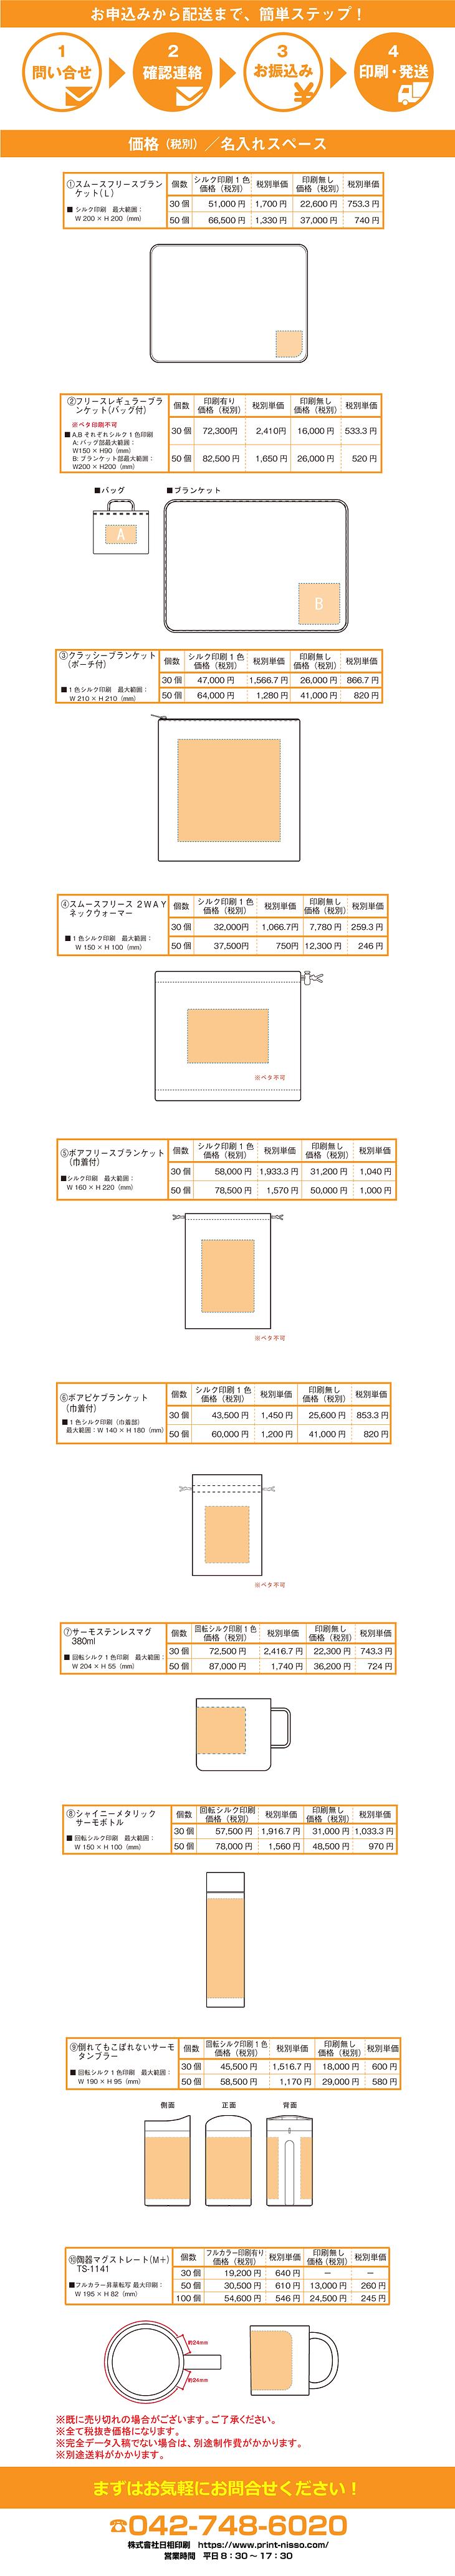 修正済み 栄修正-【CS6】冬グッズ(アートボード延長)-価格表部分.png